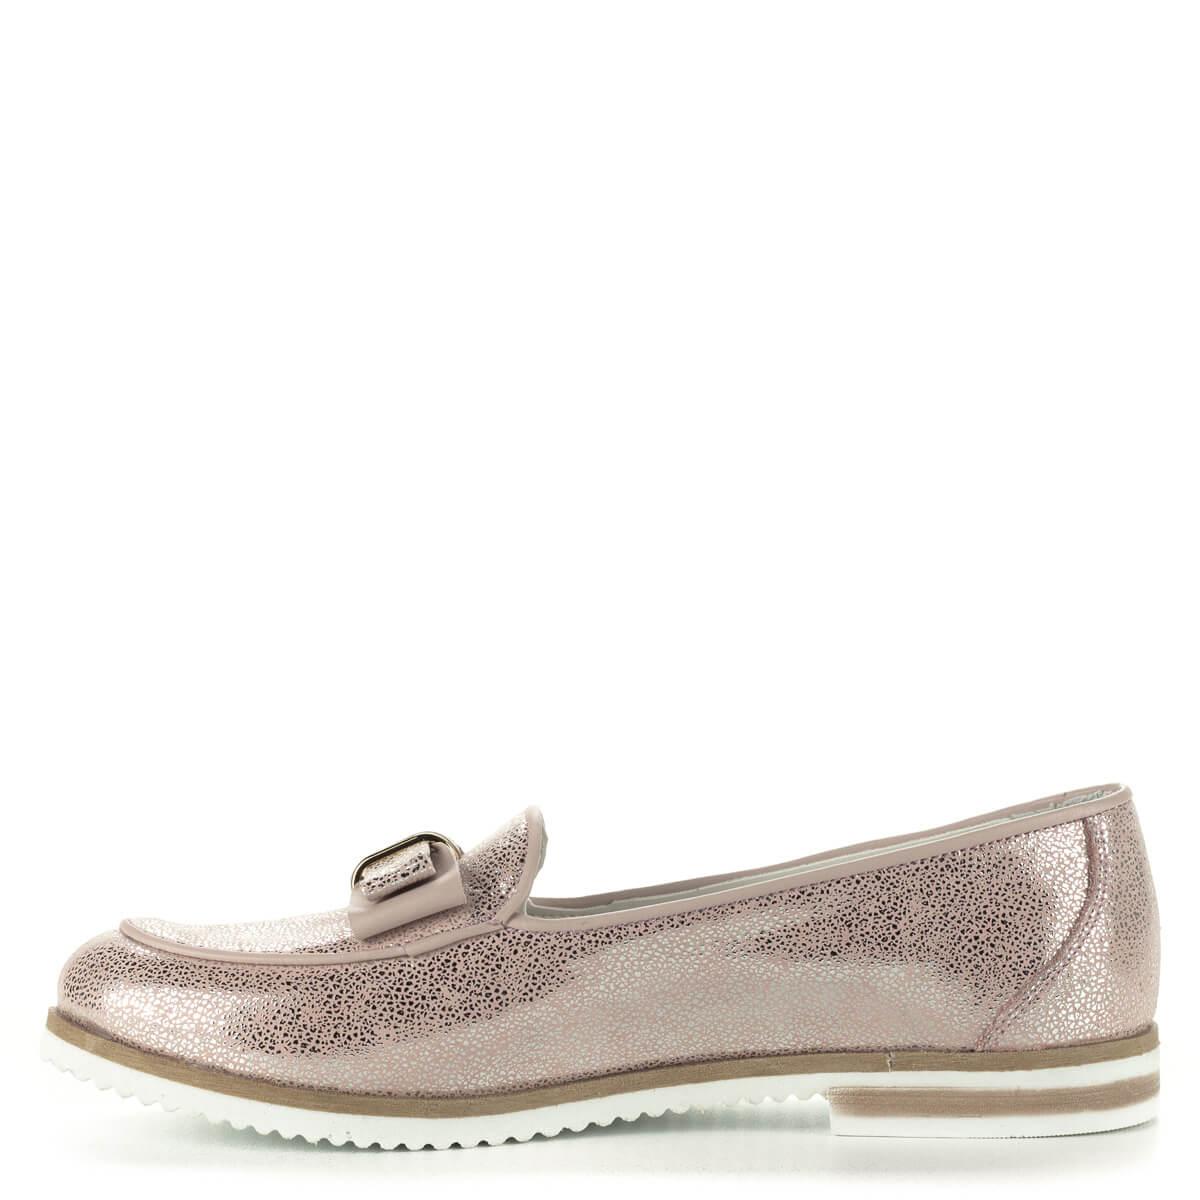 fc42b0227f A; Anna Viotti rózsaszín bőr cipő masni dísszel. Felsőrésze és bélése is  természetes bőr.